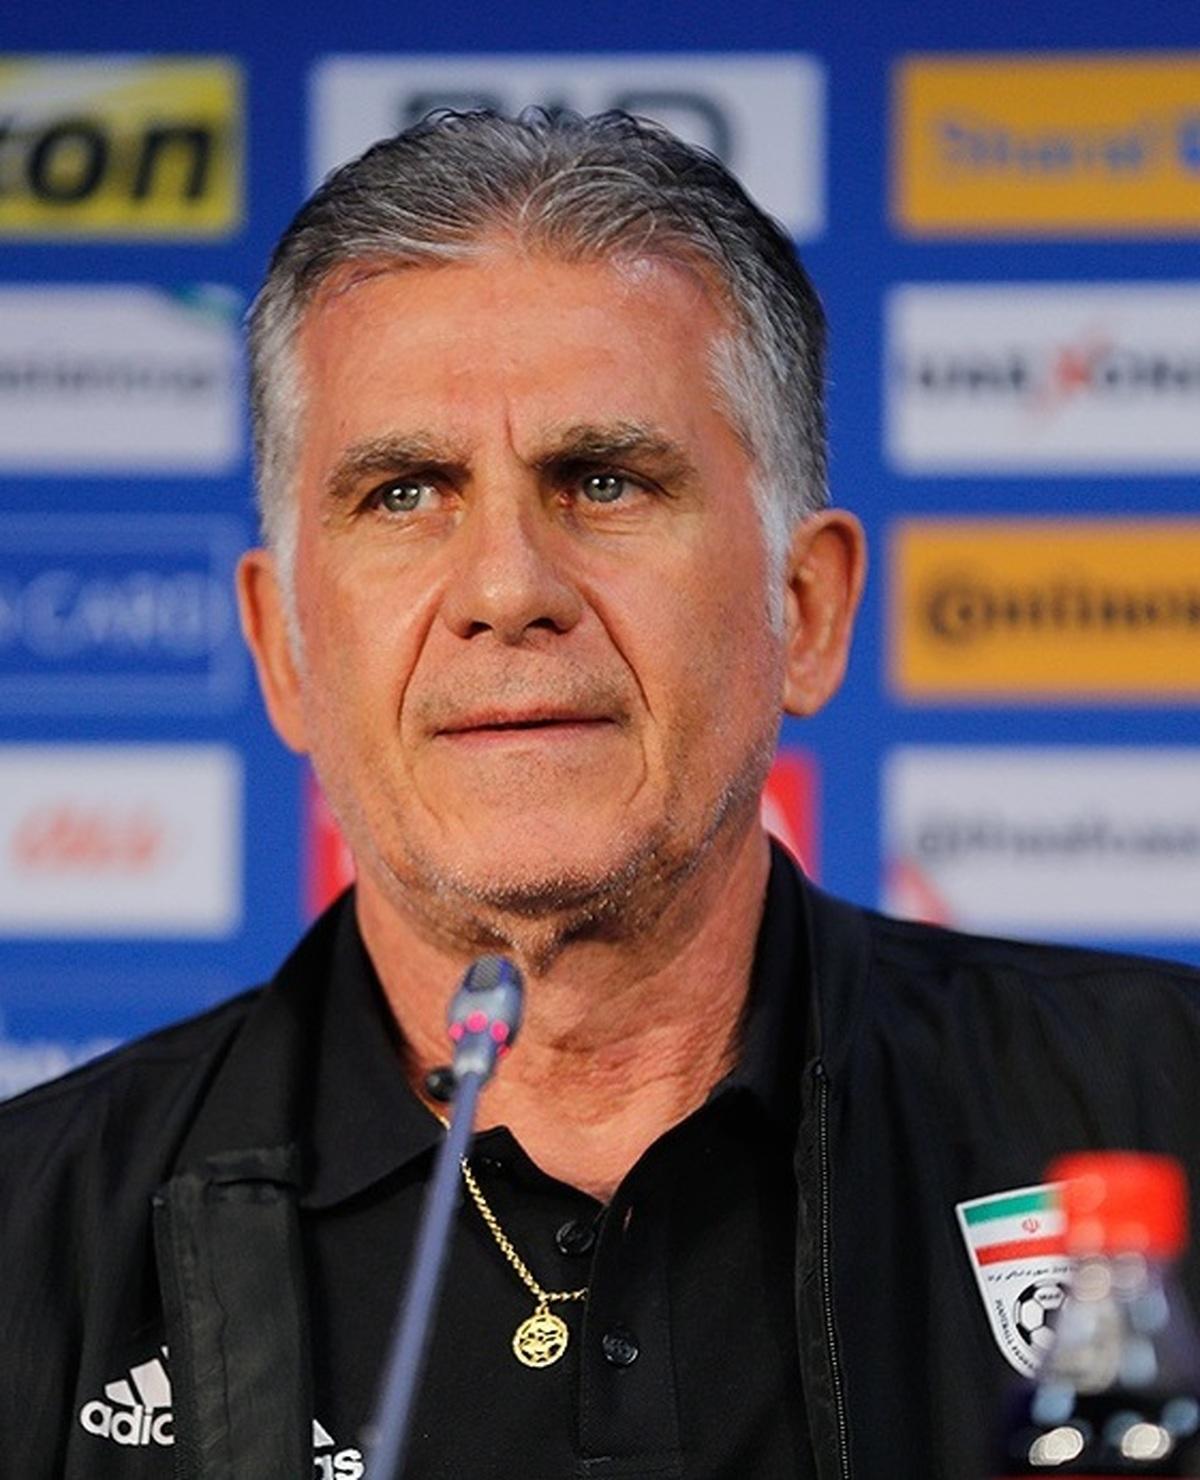 کیروش به تیم سابقش برنمی گردد | پیشنهاد سنگین سرمربی سابق ایران